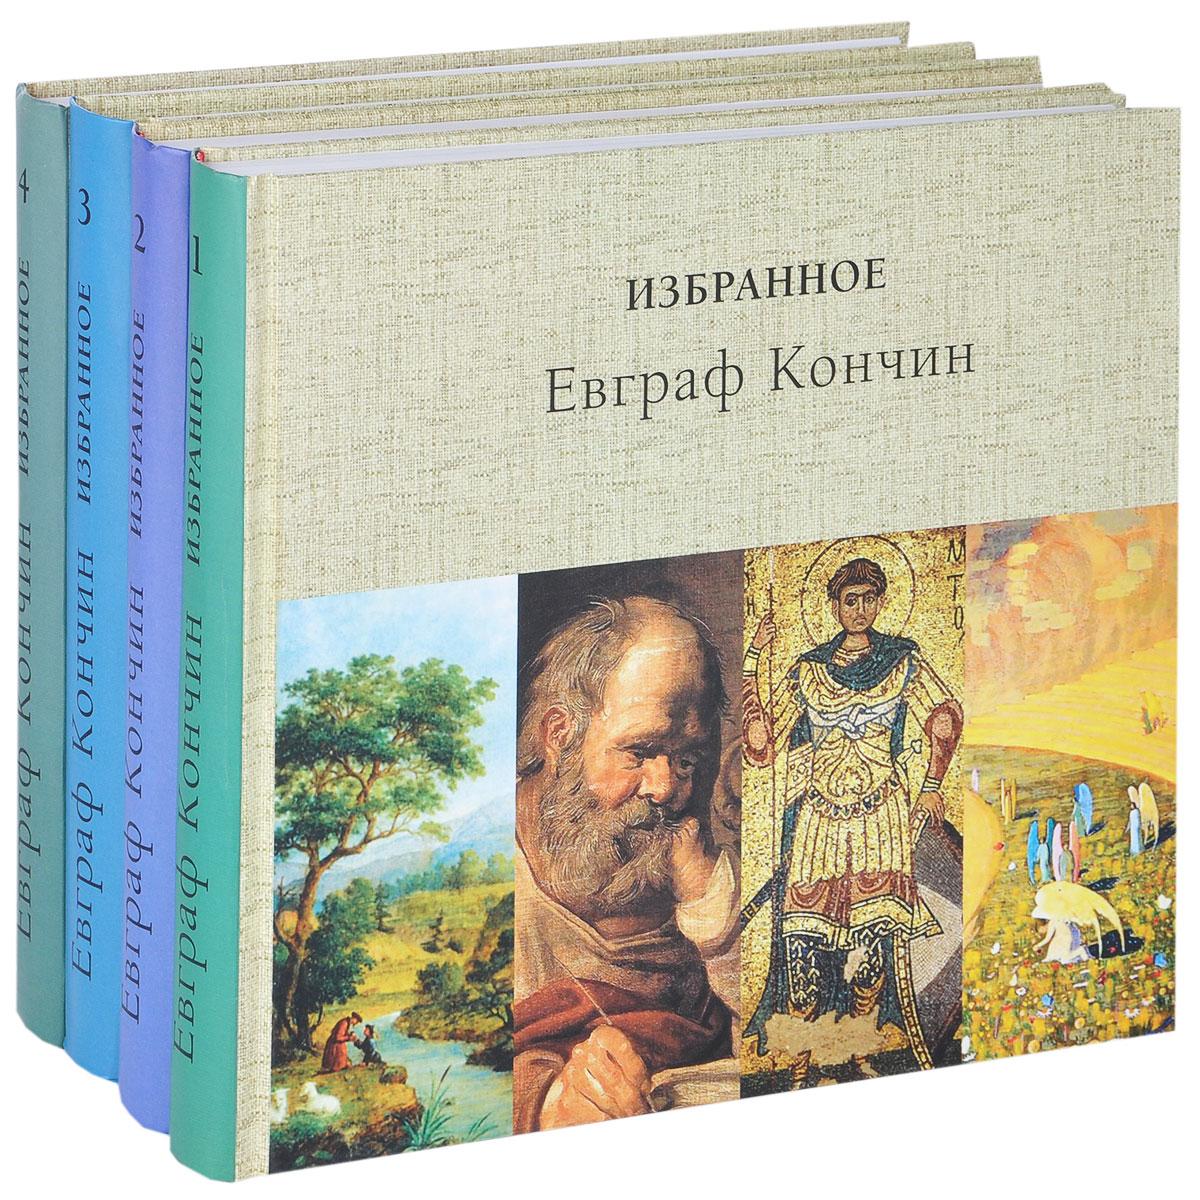 Евграф Кончин Евграф Кончин. Избранное. В 4 томах (комплект из 4 книг)